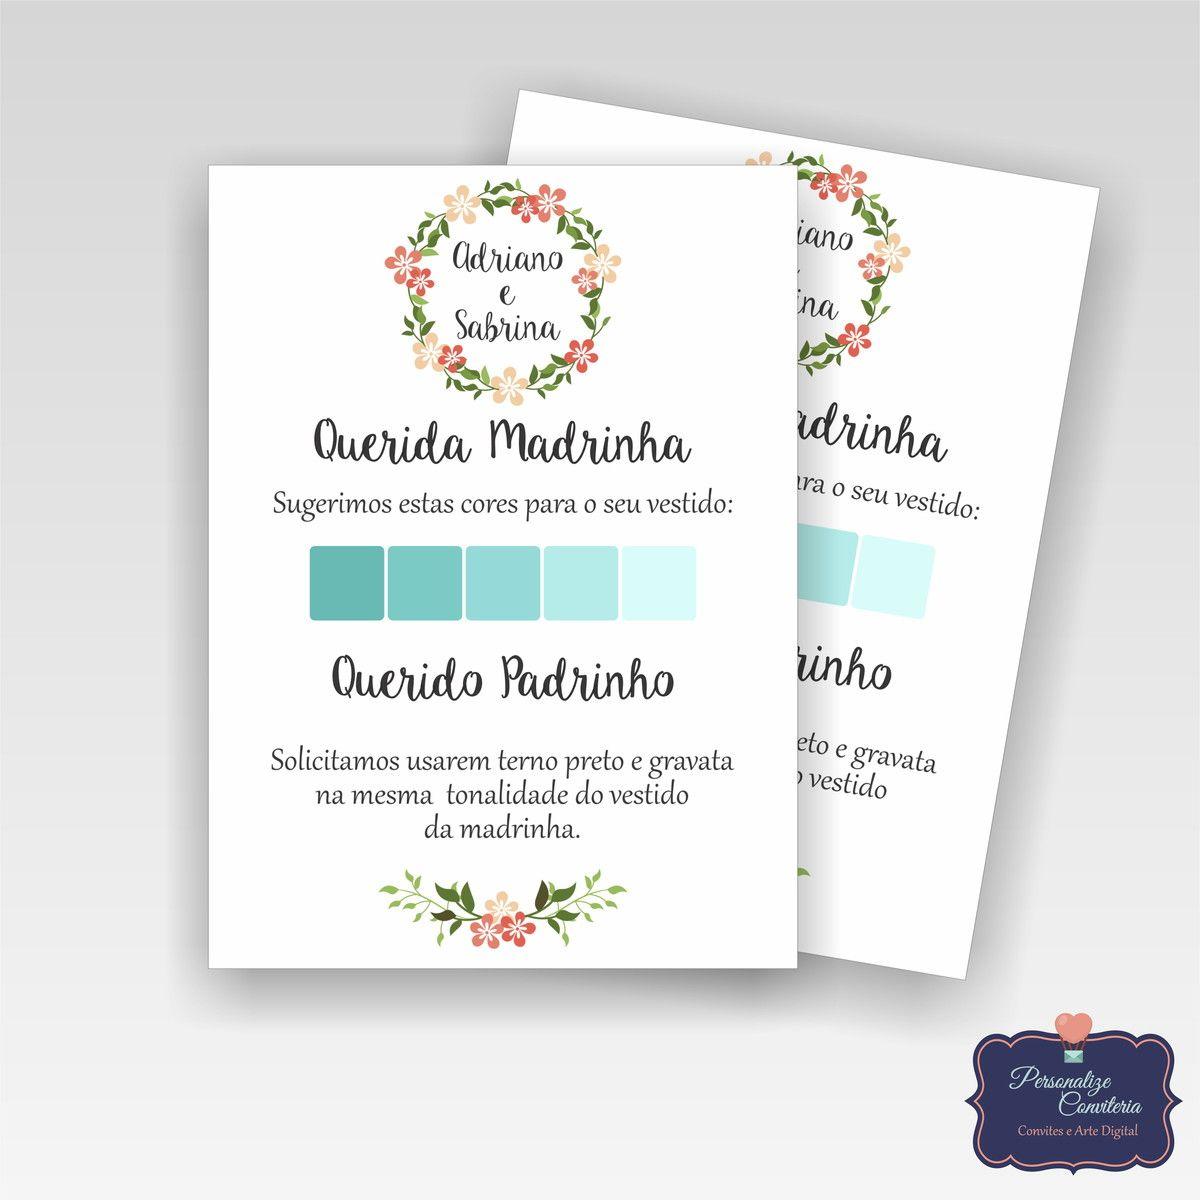 Paleta De Cores Padrinhos Convite Padrinhos Casamento Casamento